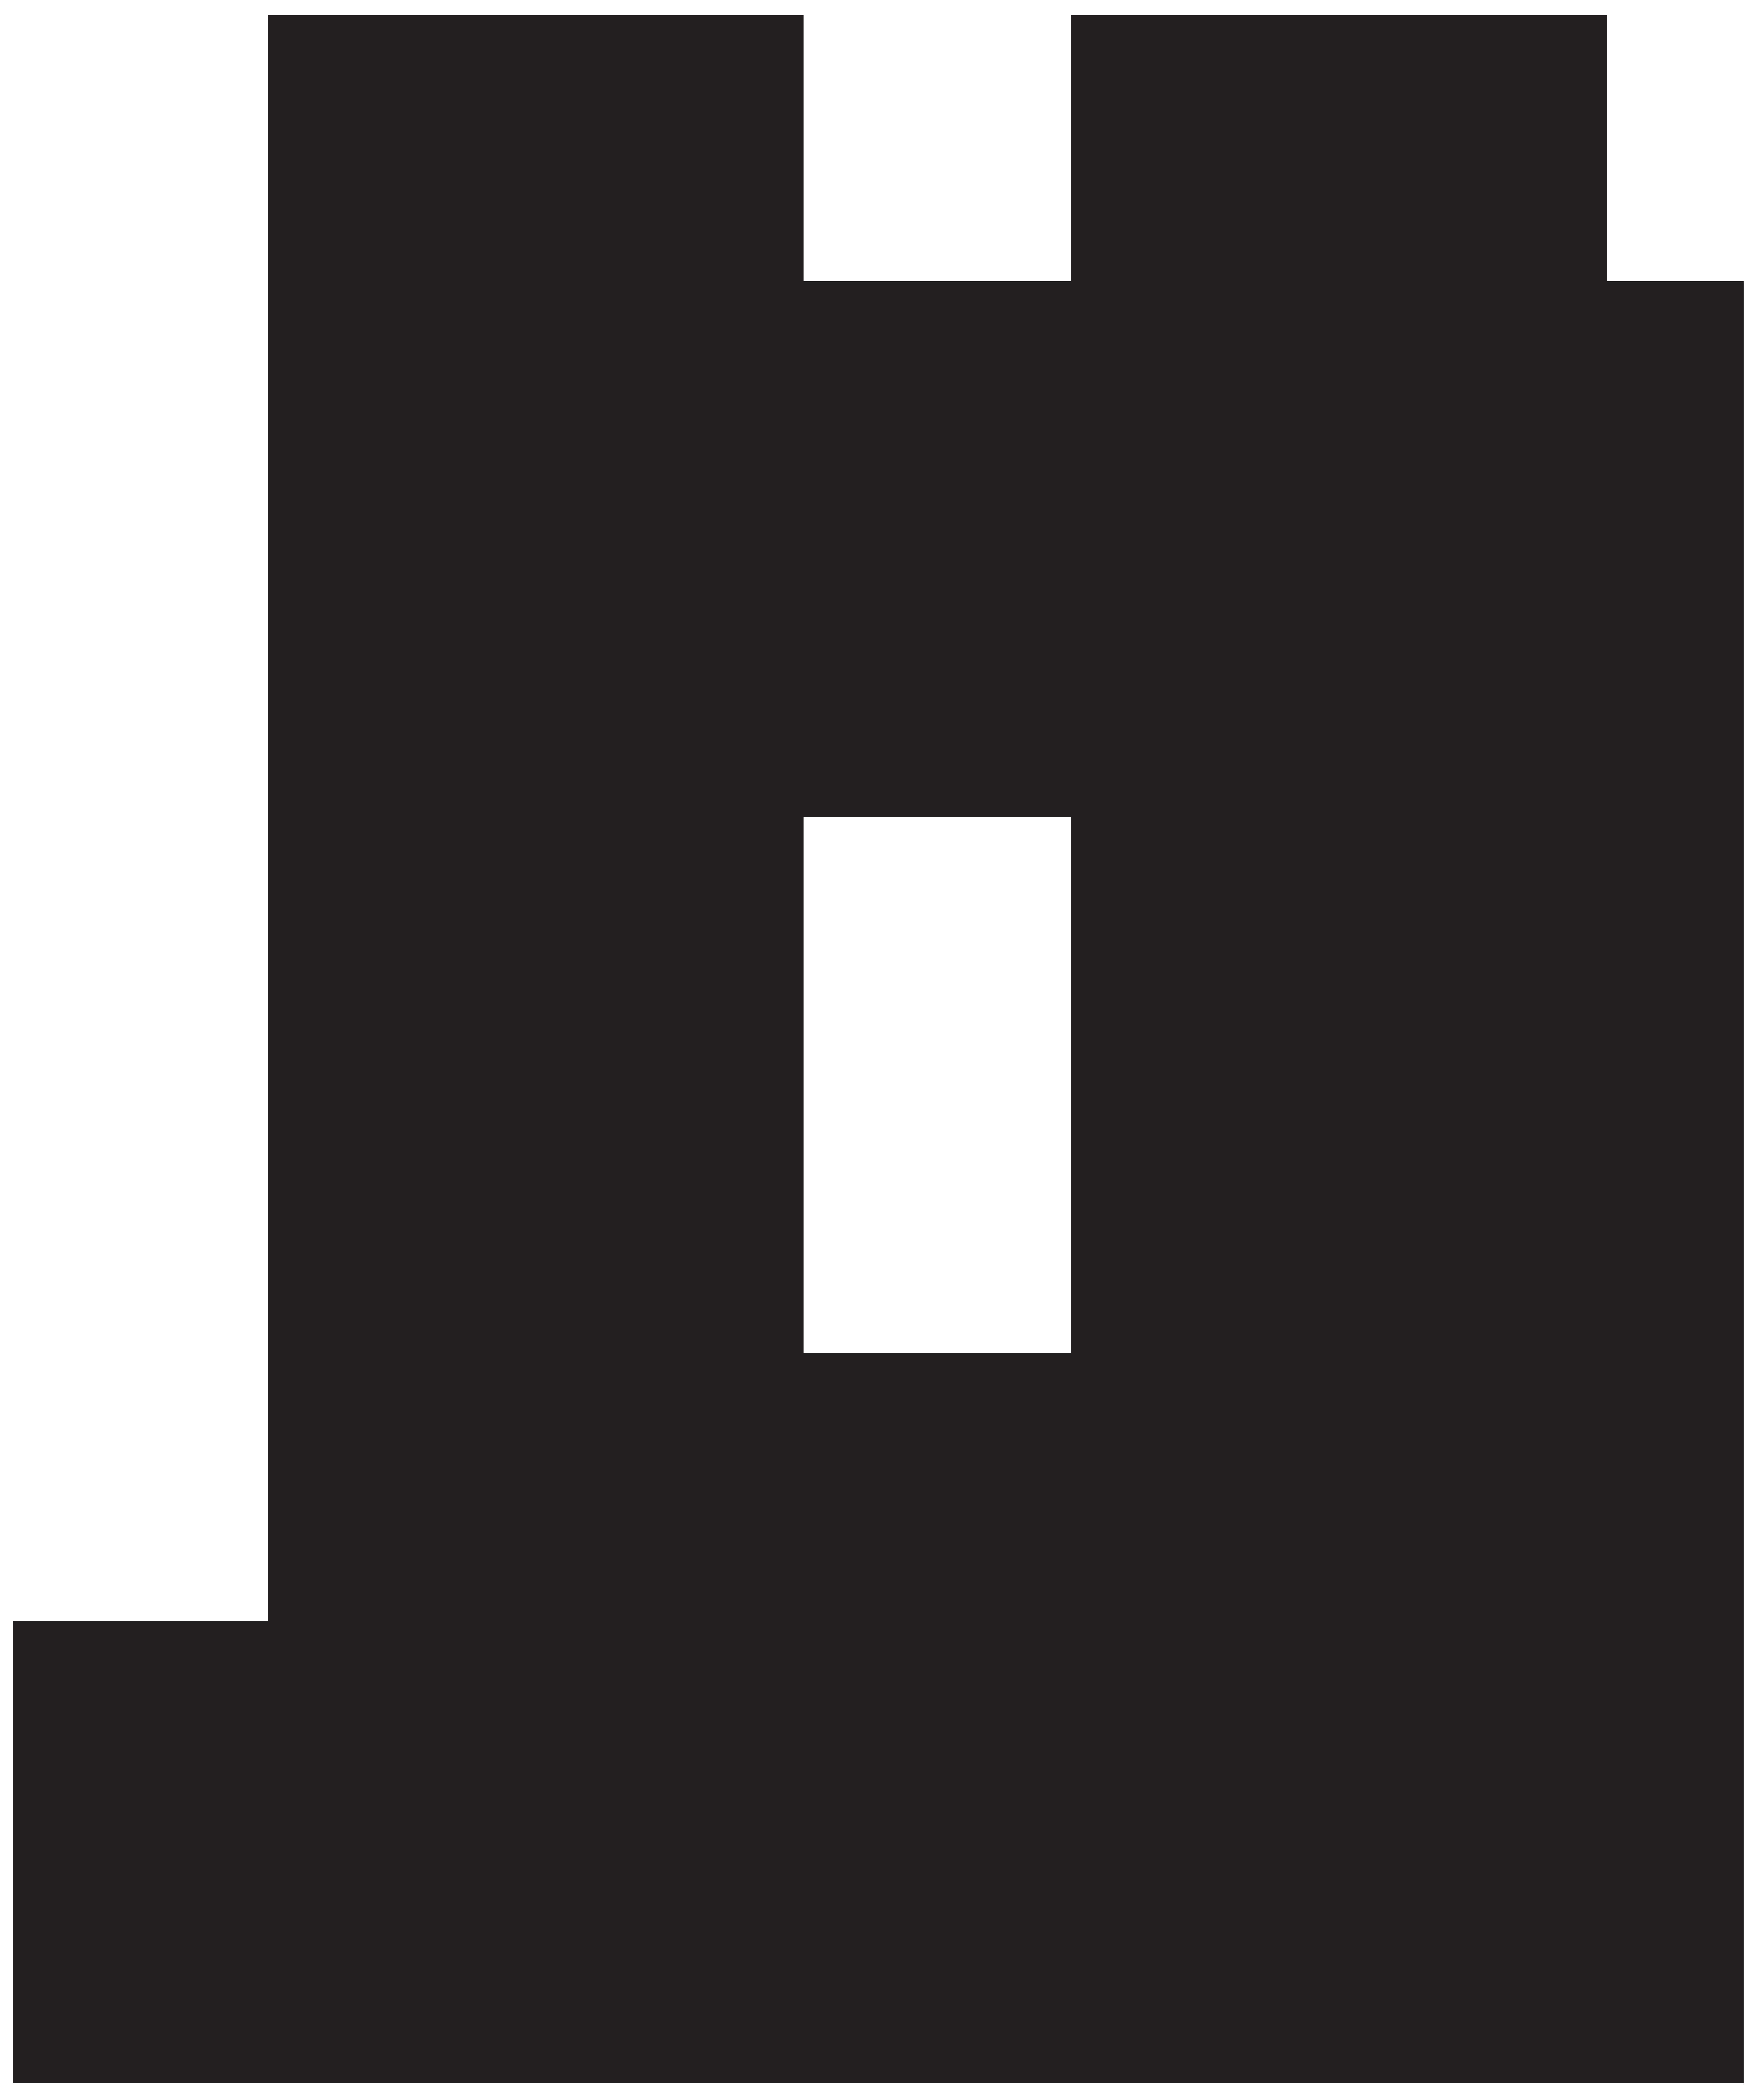 Поздравления, силуэт жениха и невесты для открытки